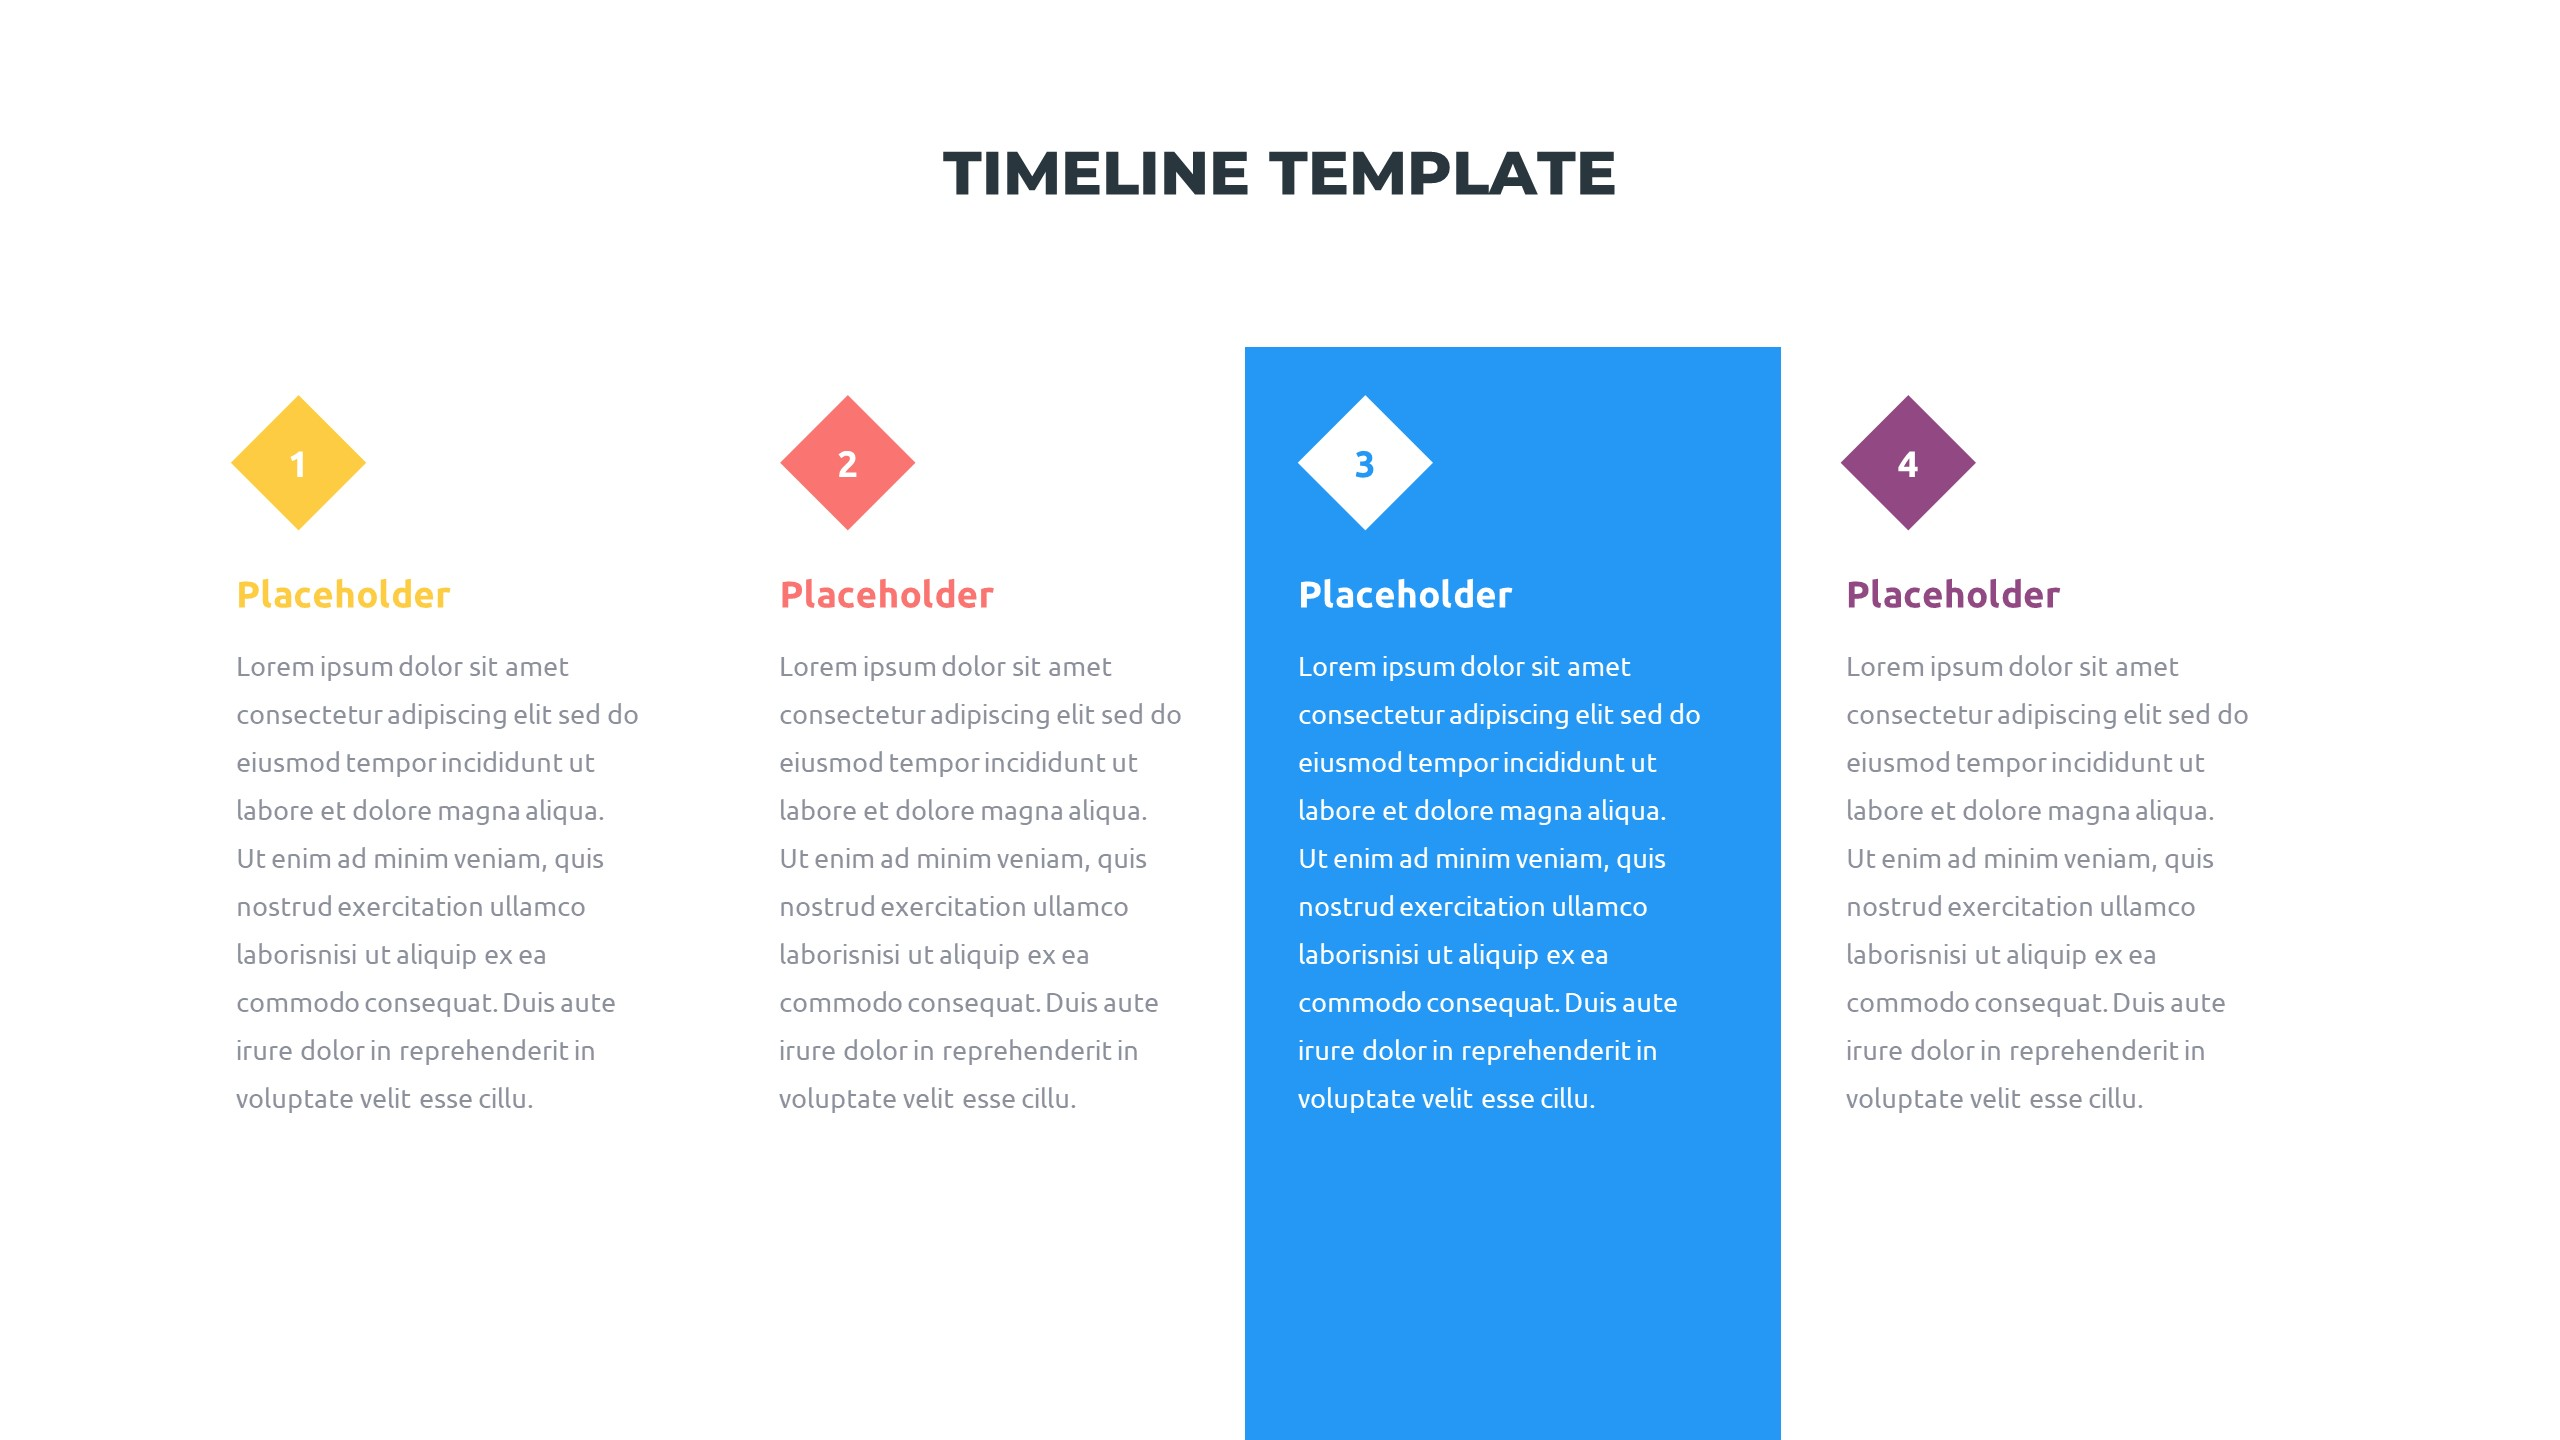 36 Timeline Presentation Templates: Powerpoint, Google Slides, Keynote - Slide18